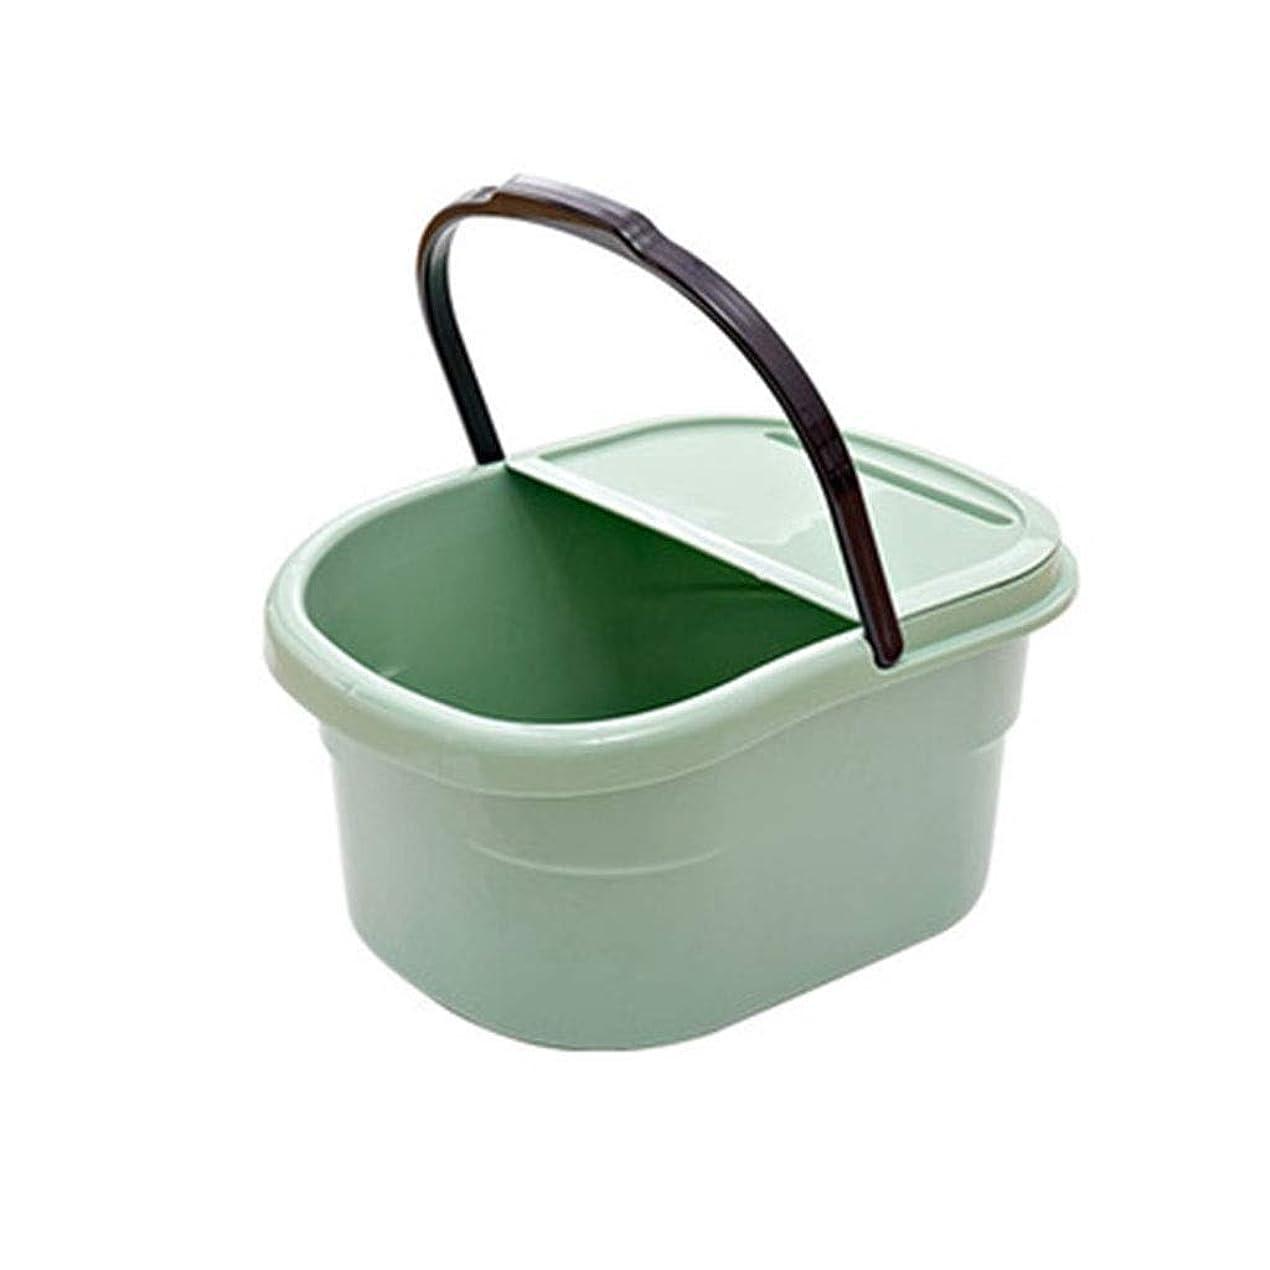 こねる露出度の高い飾り羽スパマッサージ足浴槽バレル家庭用大人子供用足湯浴槽付き携帯スロット XM1209-8-21-11 (Color : Green)